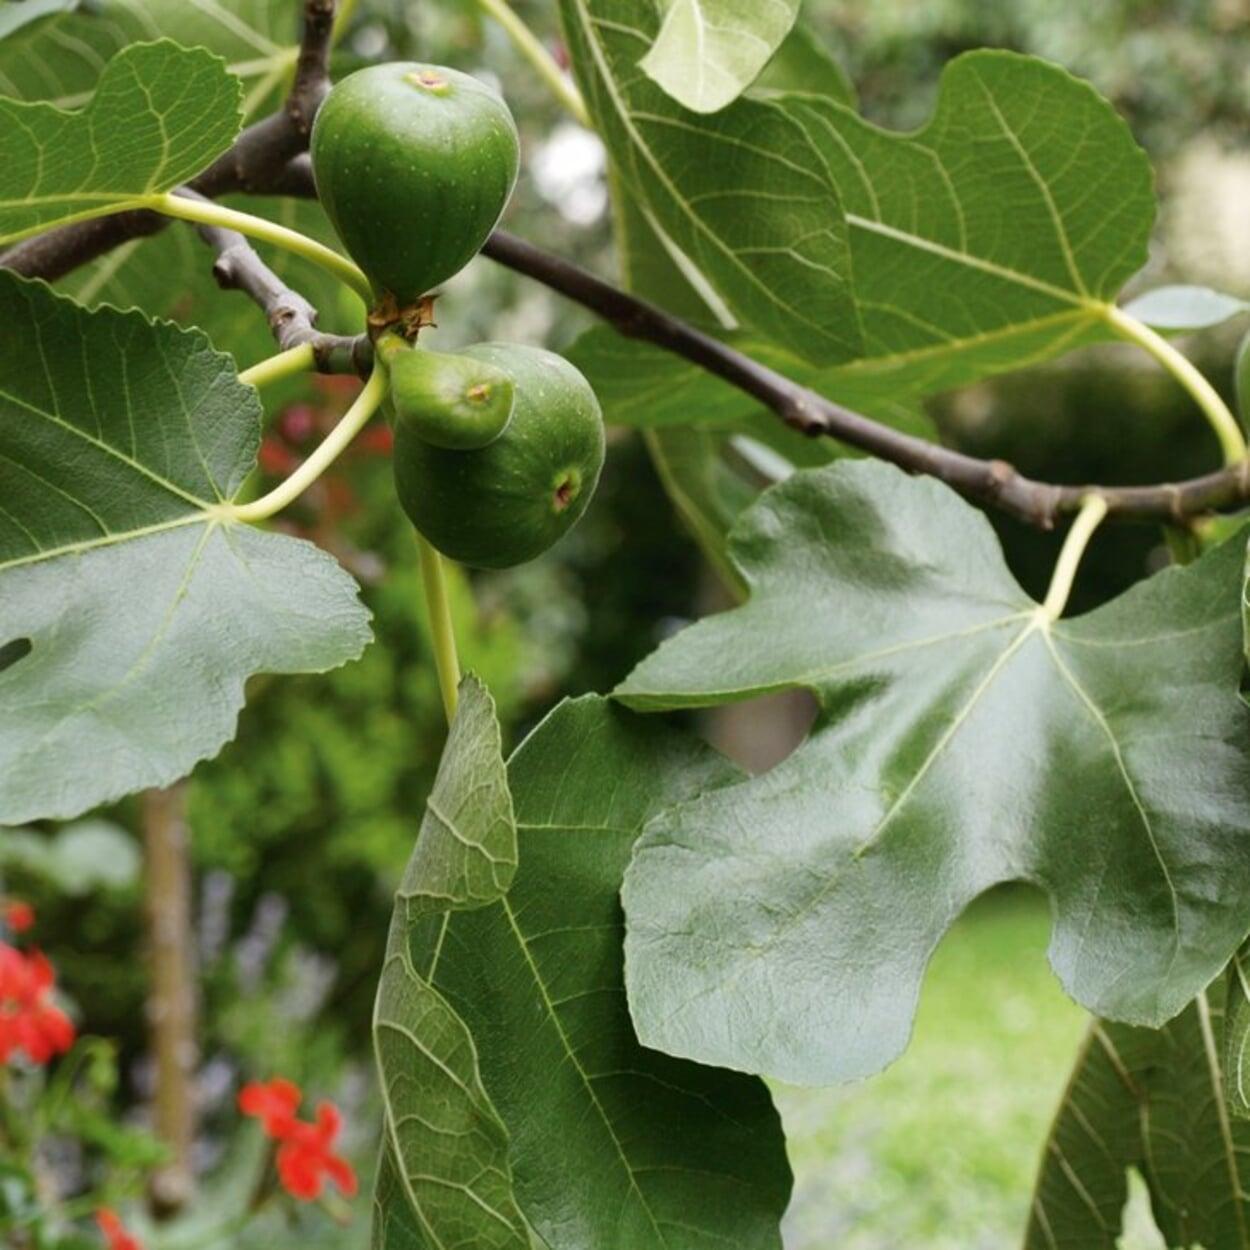 Feigenbäume vertragen bis zu -10 °C und können erst spät ins Winterquartier